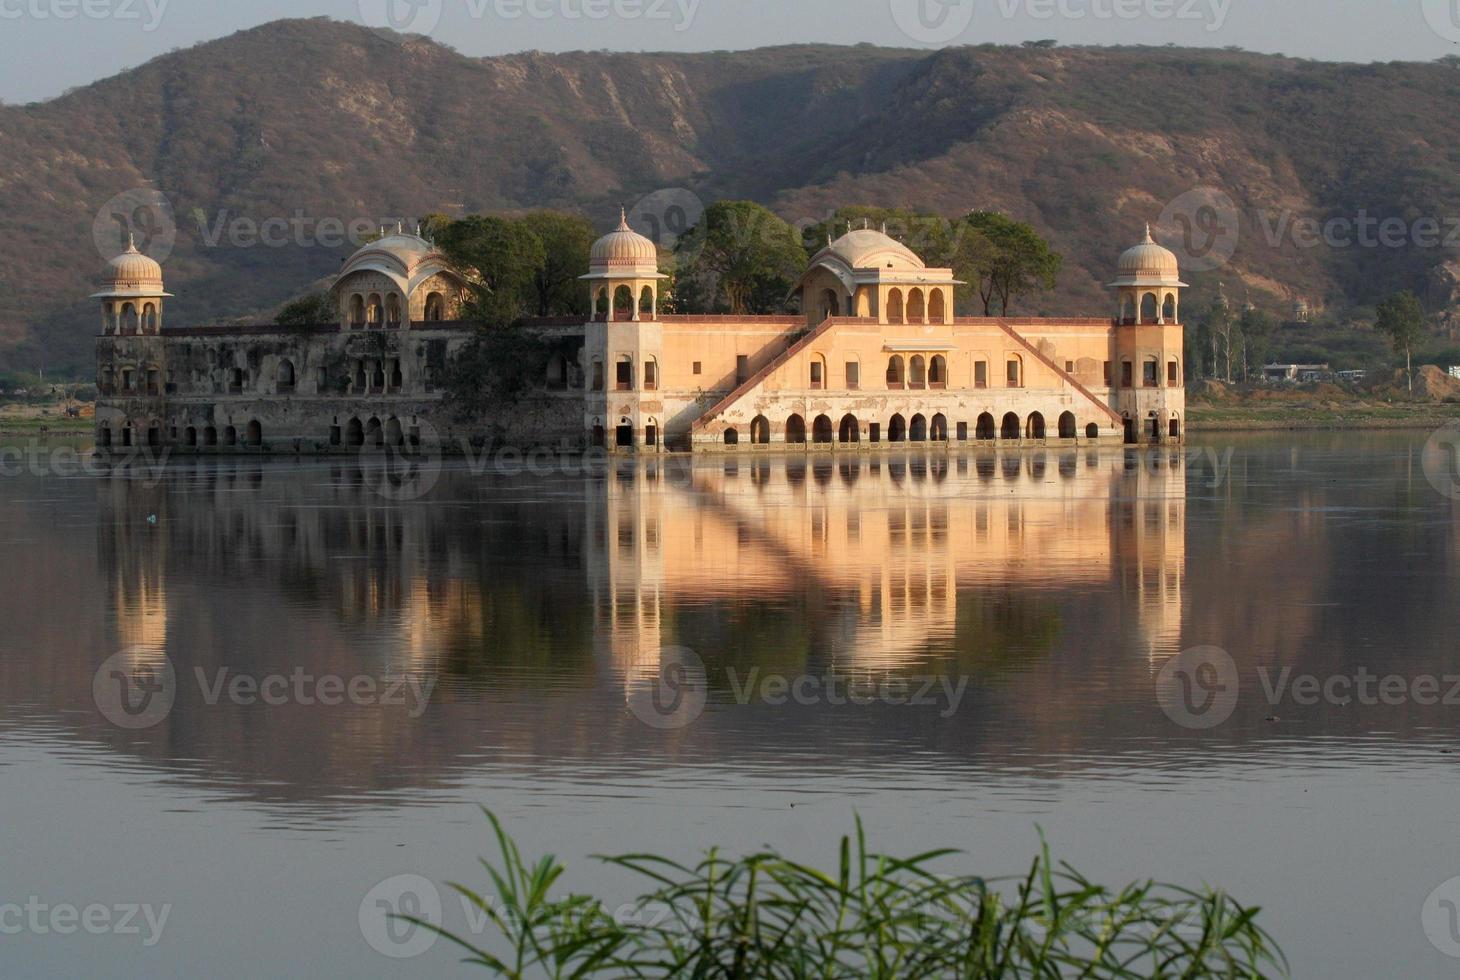 palácio da água jaipur india água com reflexões foto